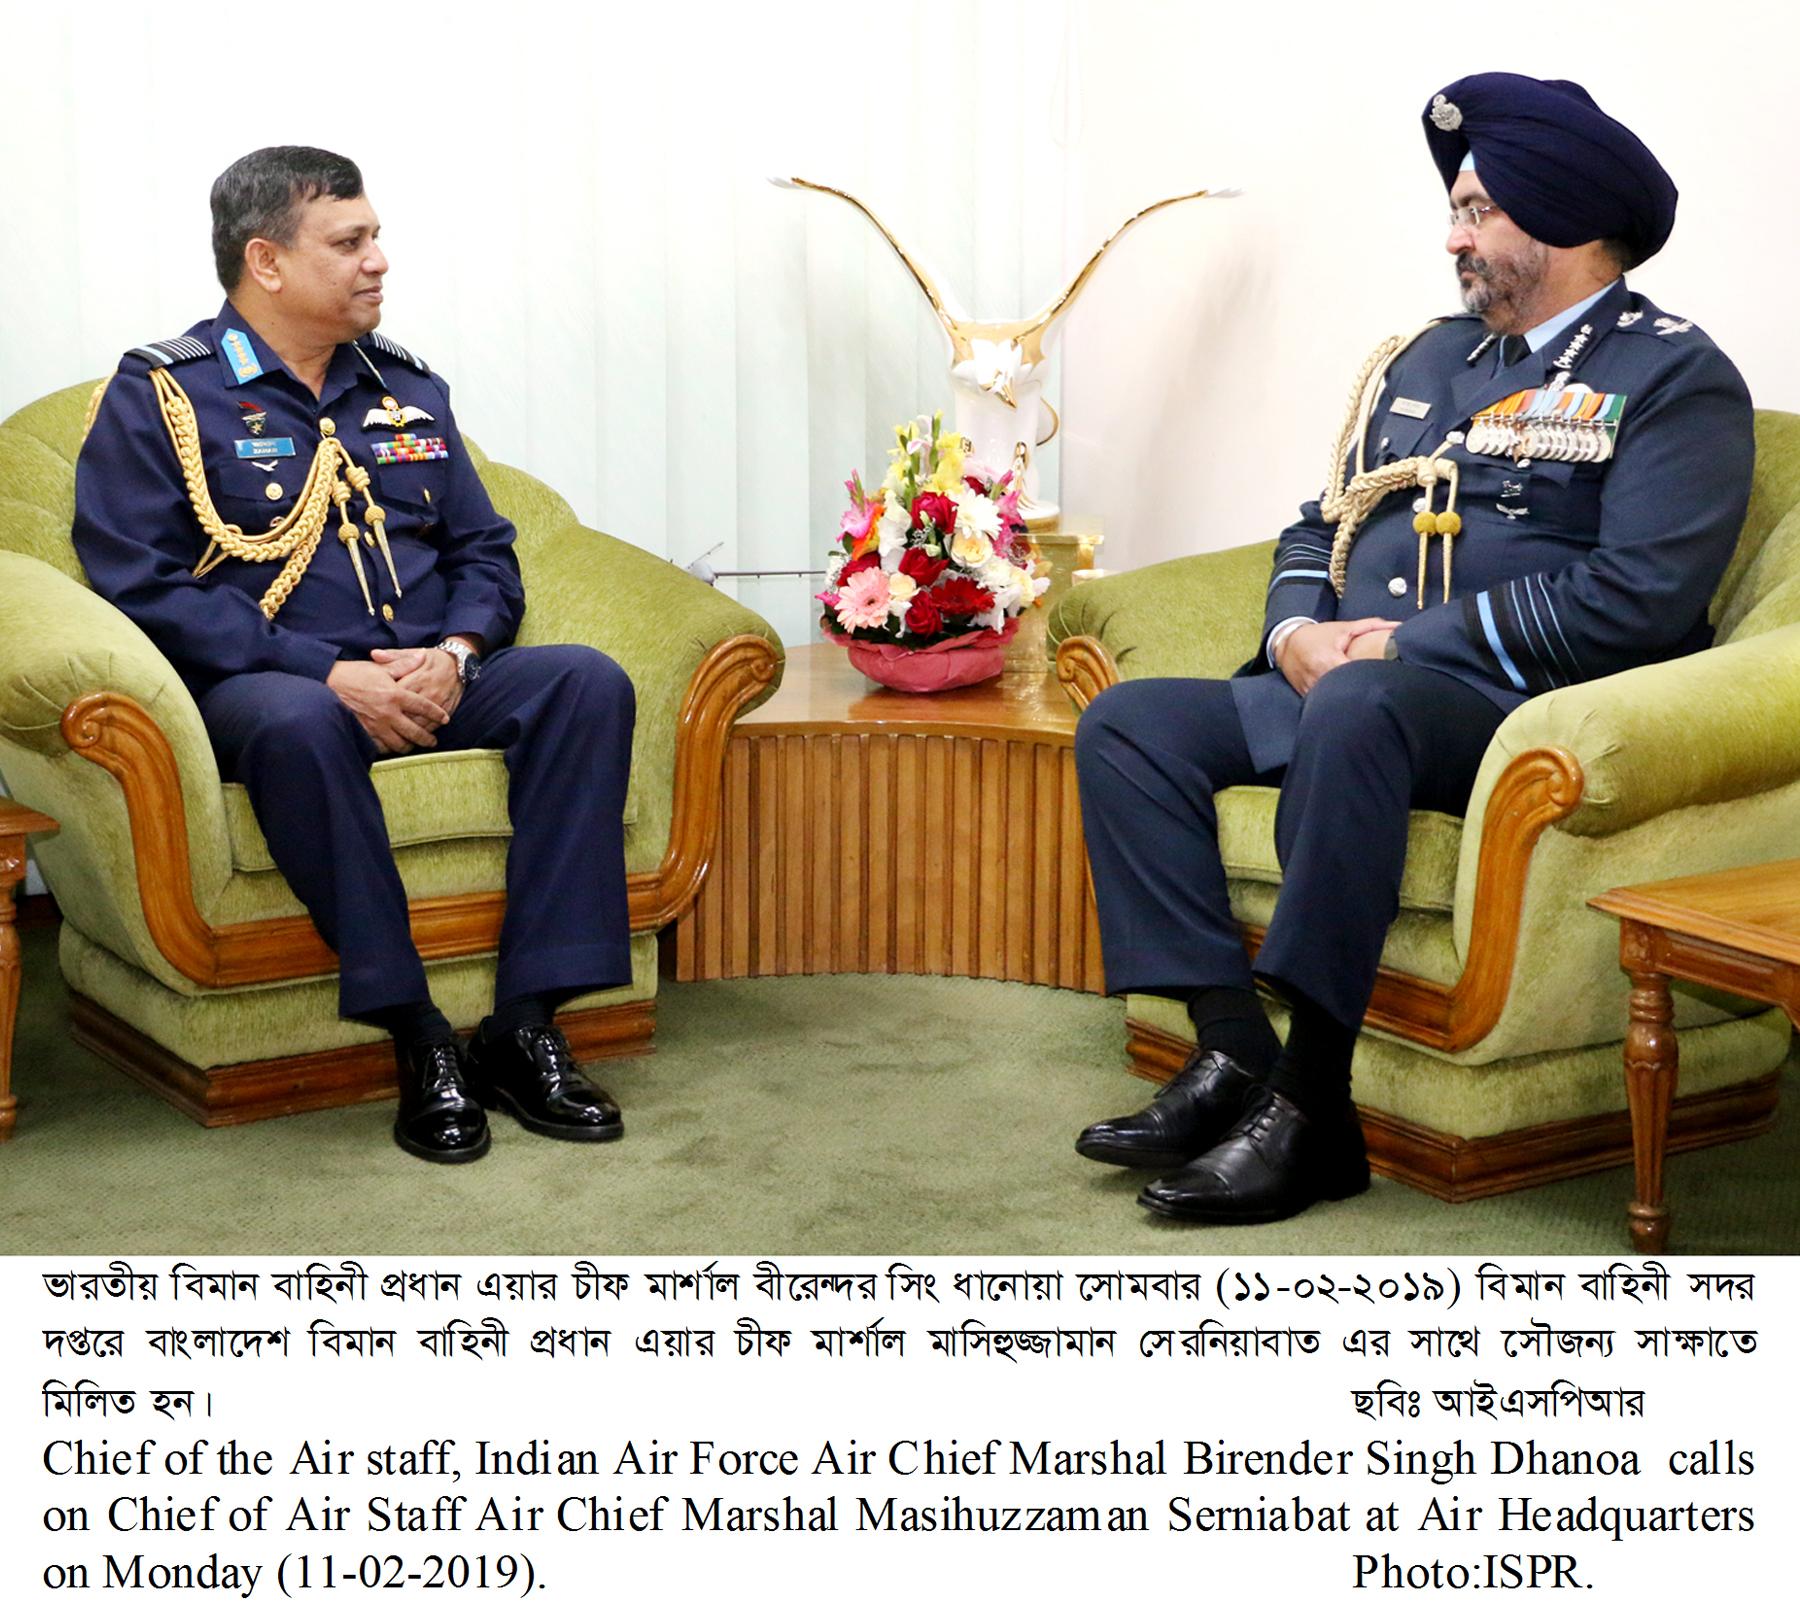 বাংলাদেশ বিমান বাহিনী প্রধানের সাথে ভারতীয় বিমান বাহিনীর প্রধানের সৌজন্য সাক্ষাৎ